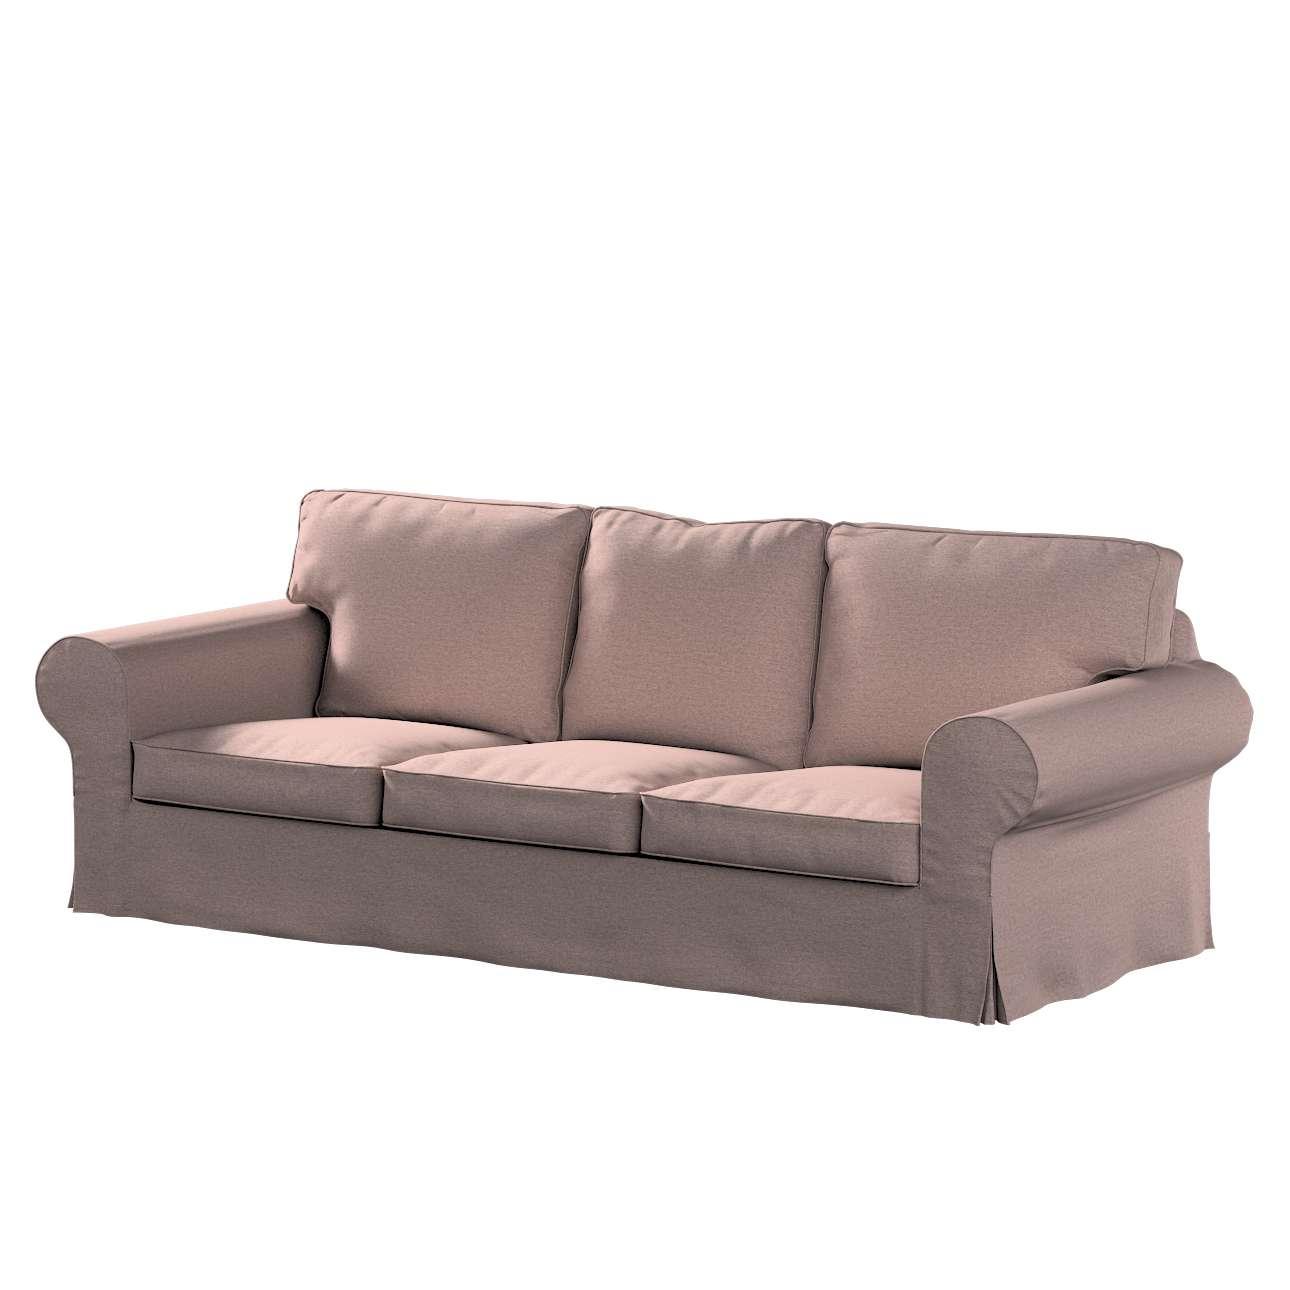 Pokrowiec na sofę Ektorp 3-osobową, rozkładaną w kolekcji Madrid, tkanina: 161-88